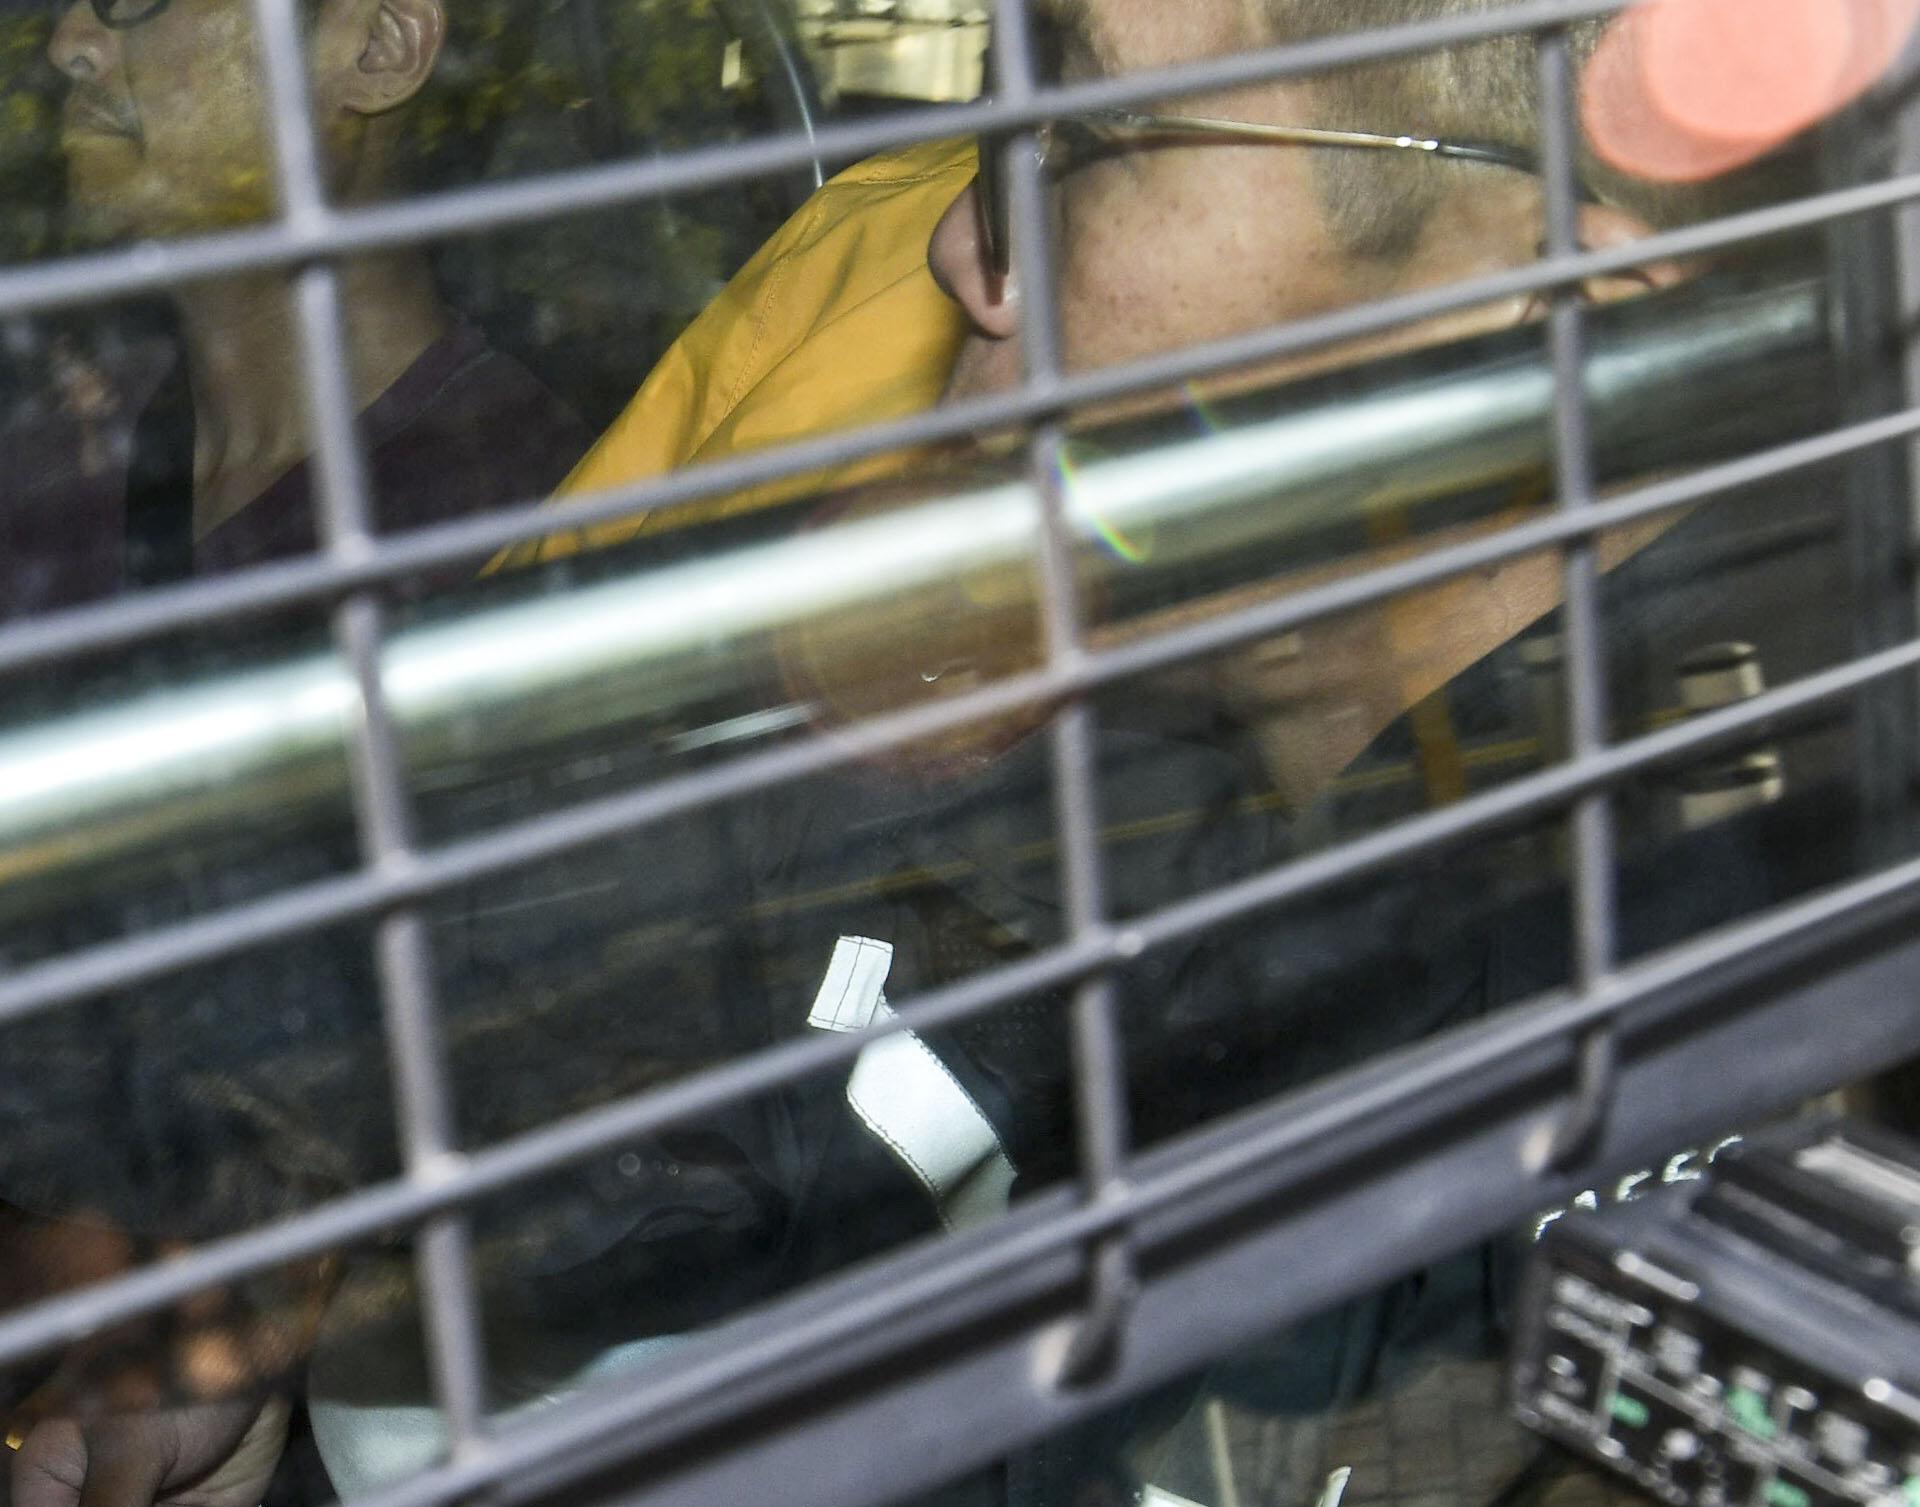 涉迷你仓藏爆炸品 18岁副学士生申保释被拒